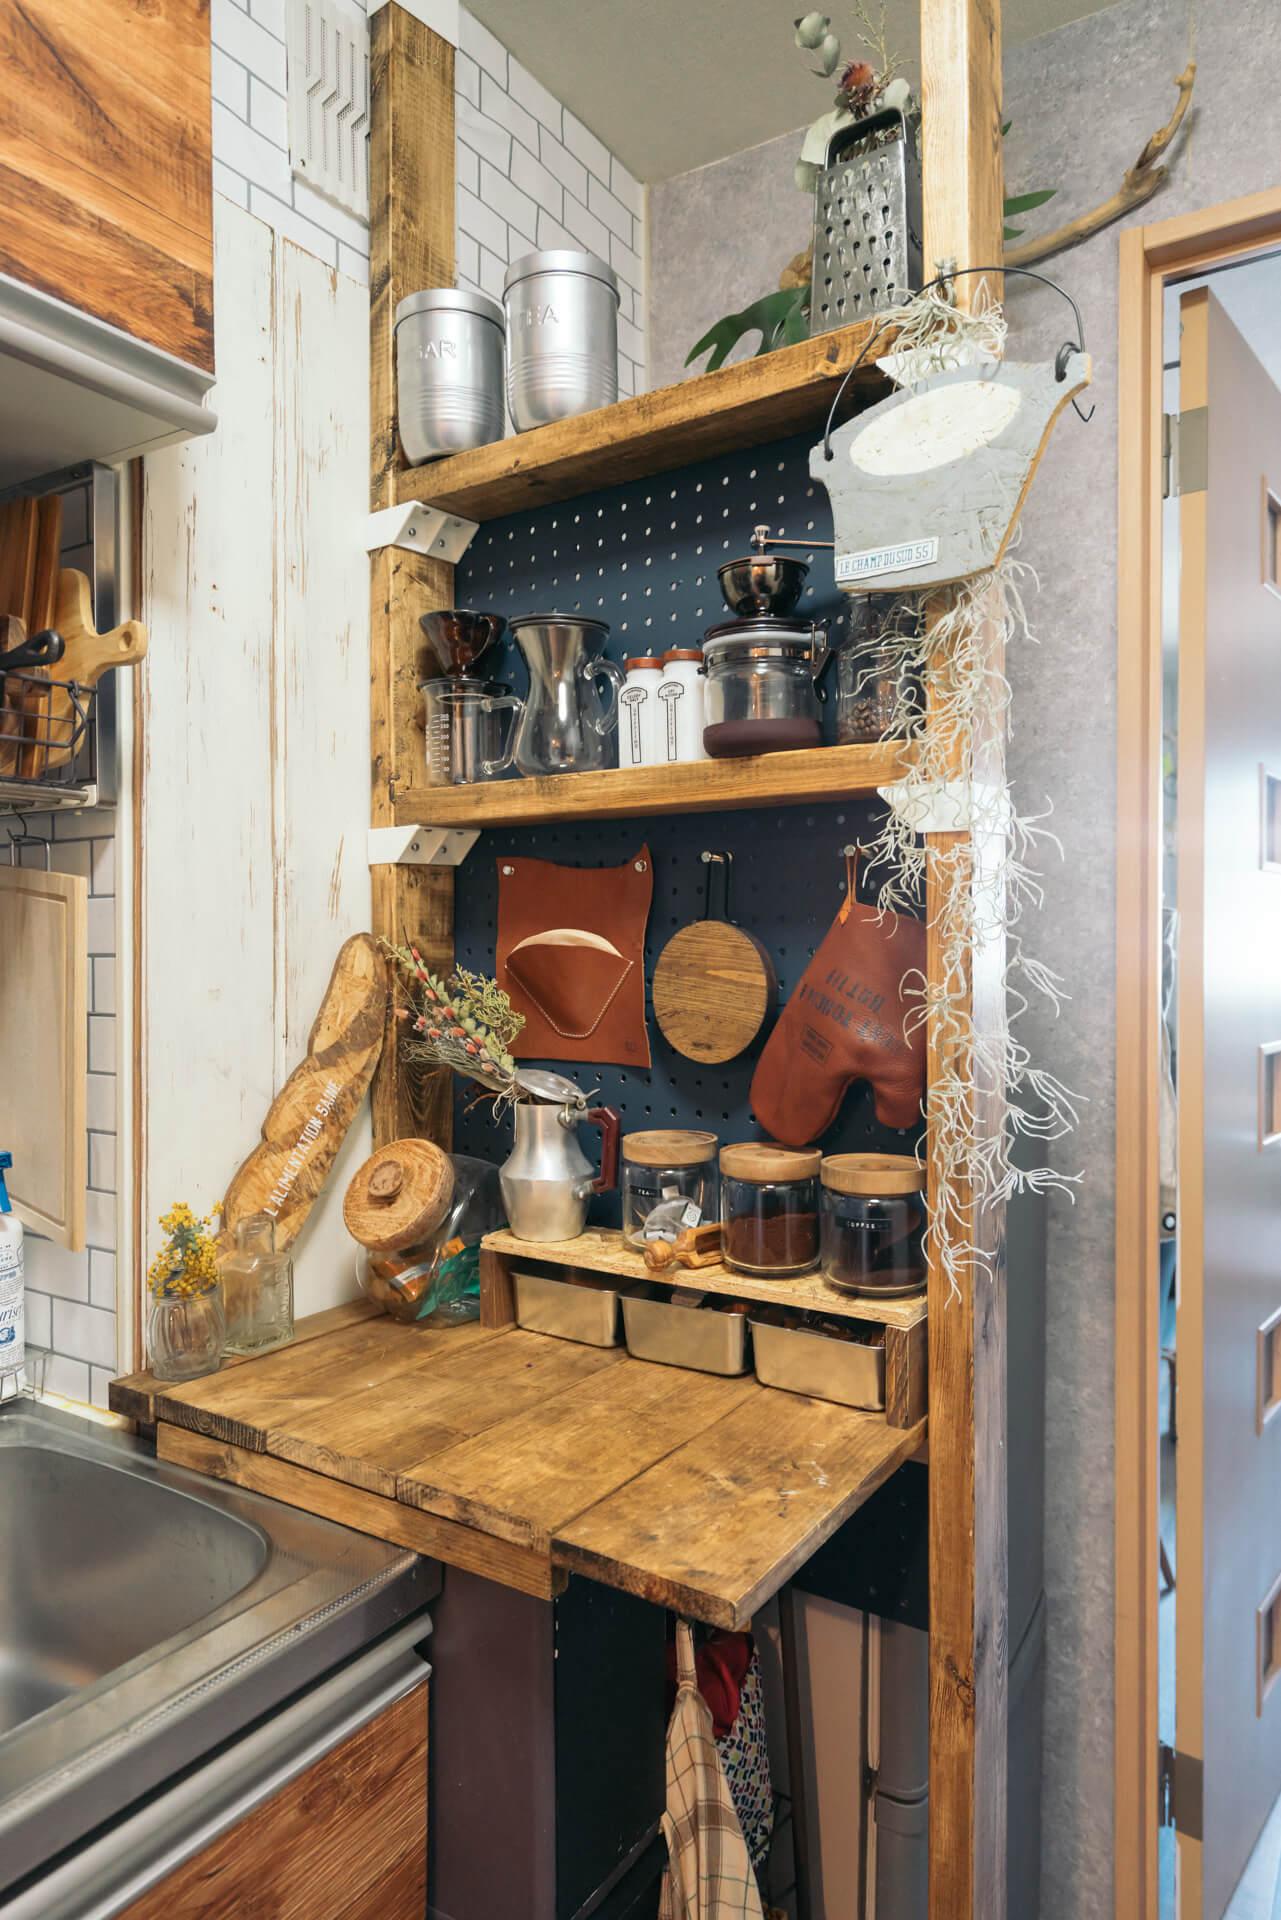 ひとり暮らしの小さなキッチン。収納と作業スペースの少なさをDIYで解決!